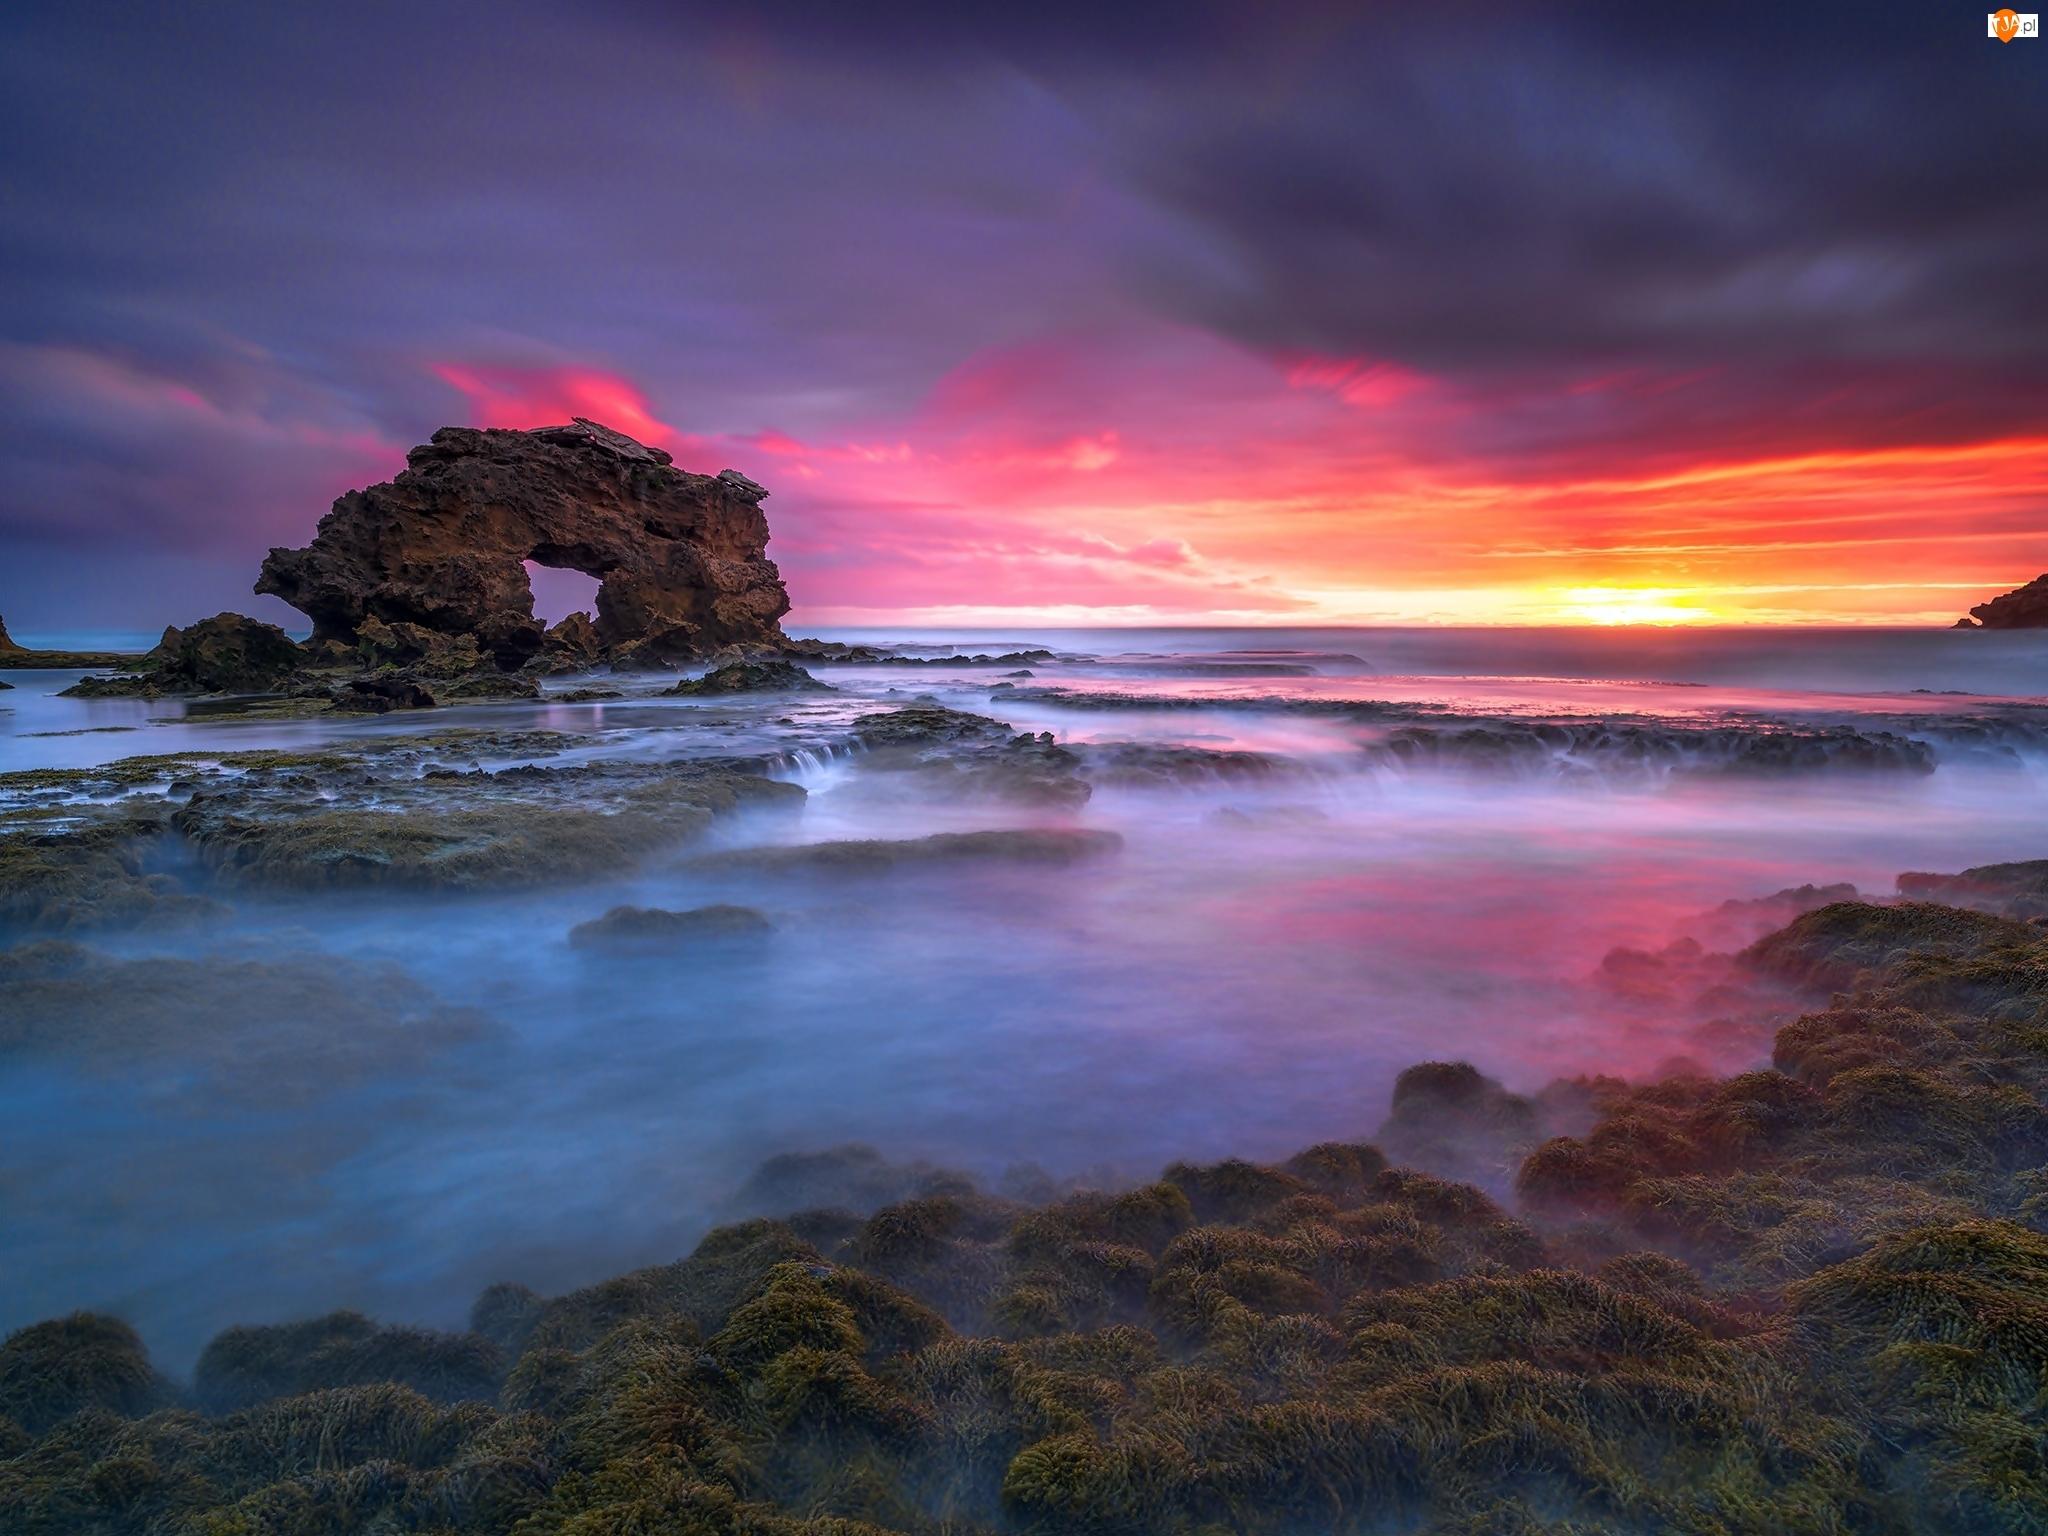 Skała, Zachód Słońca, Morze